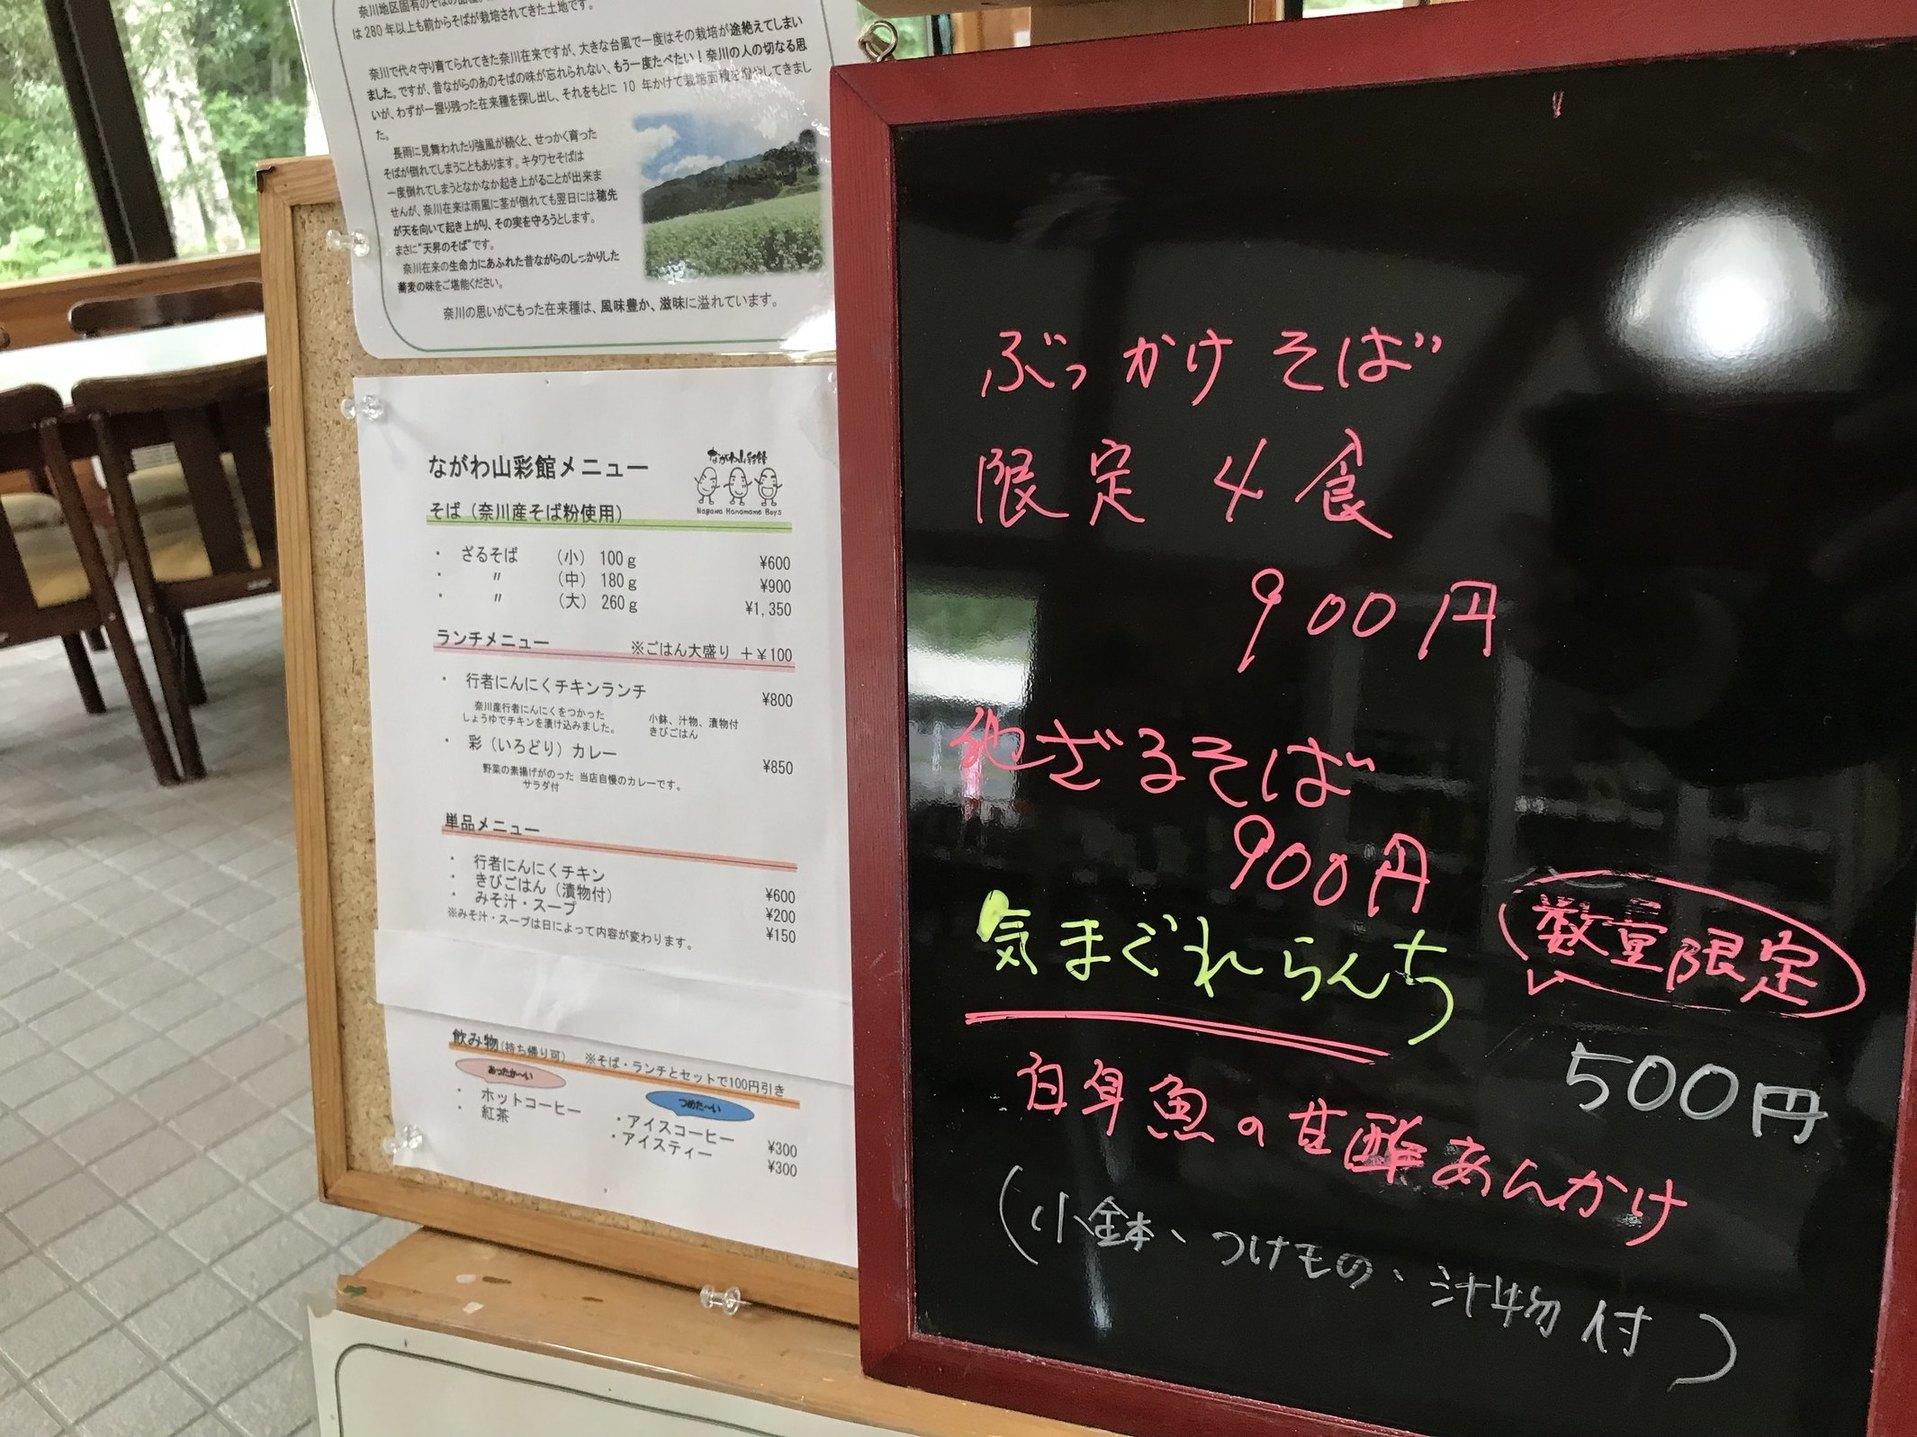 ながわ山菜館 name=